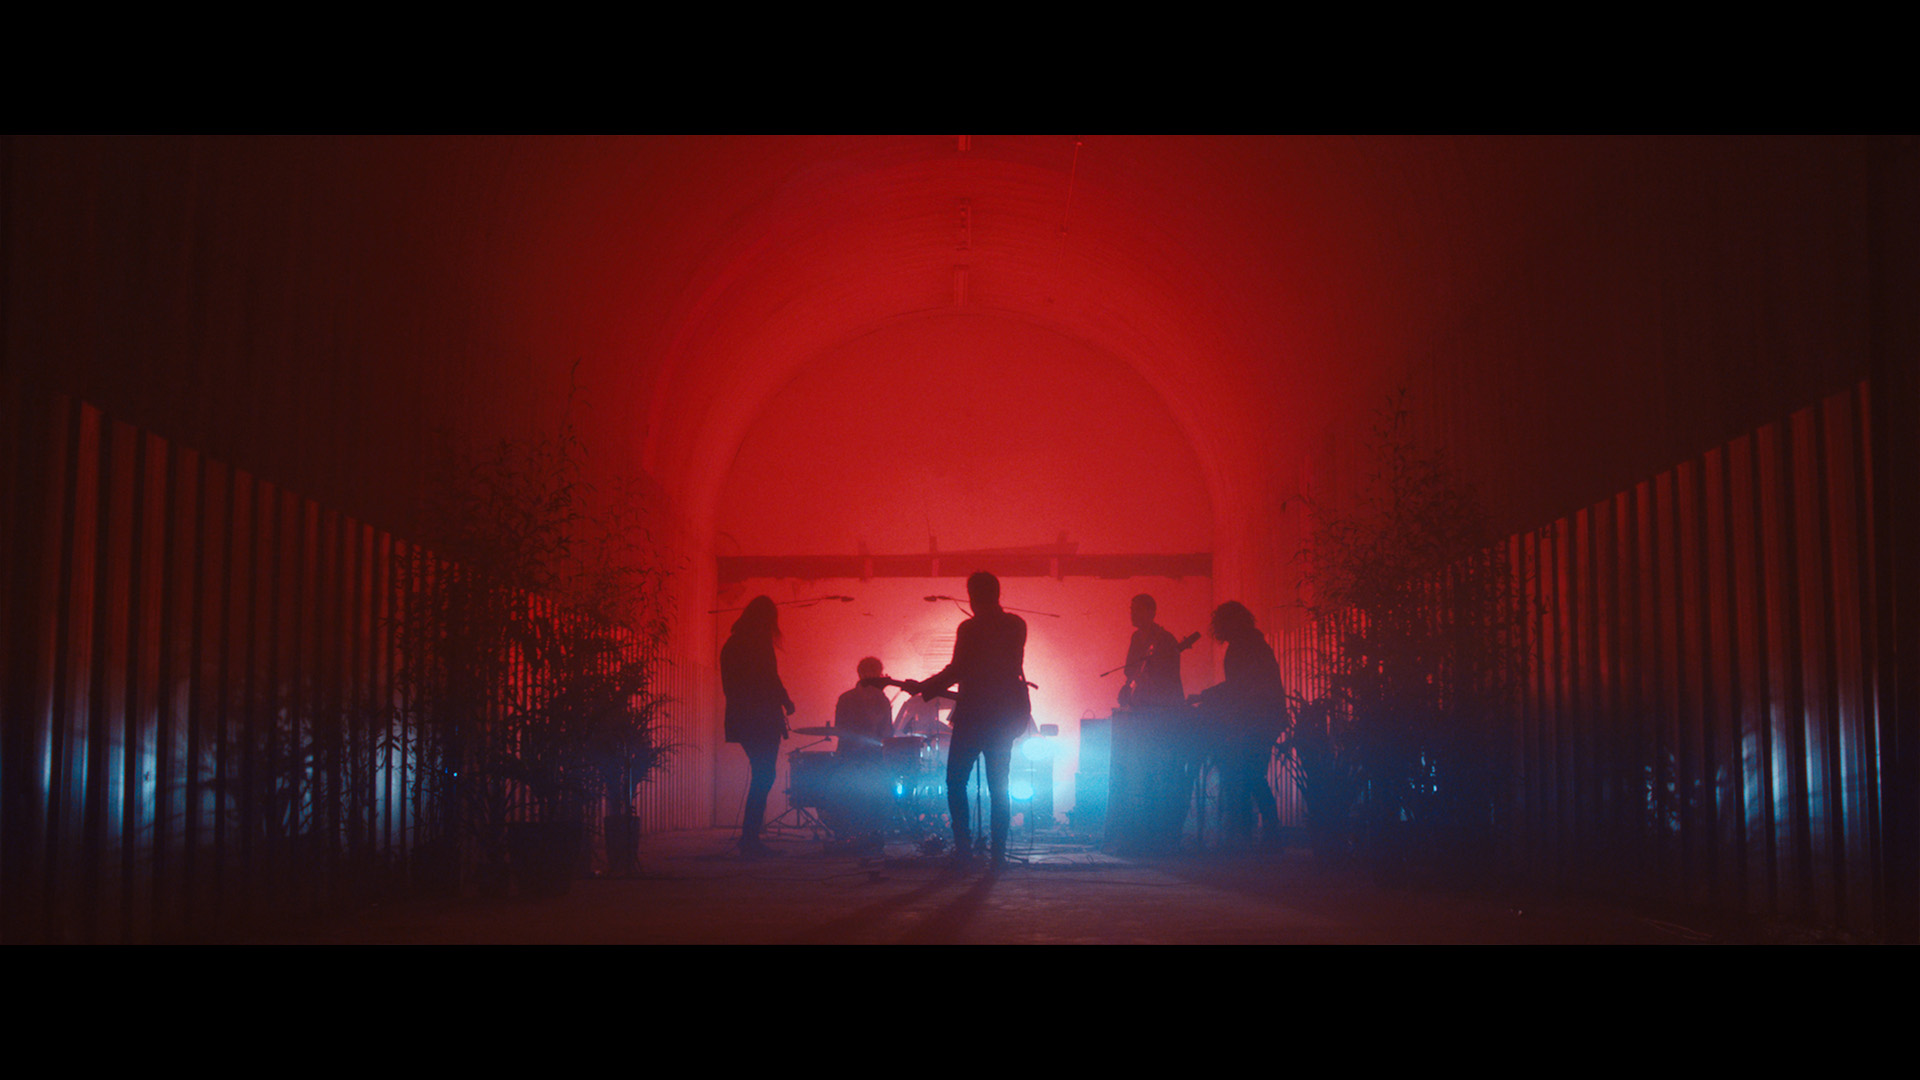 Imperial Daze - 'All On Me'  Set Designer